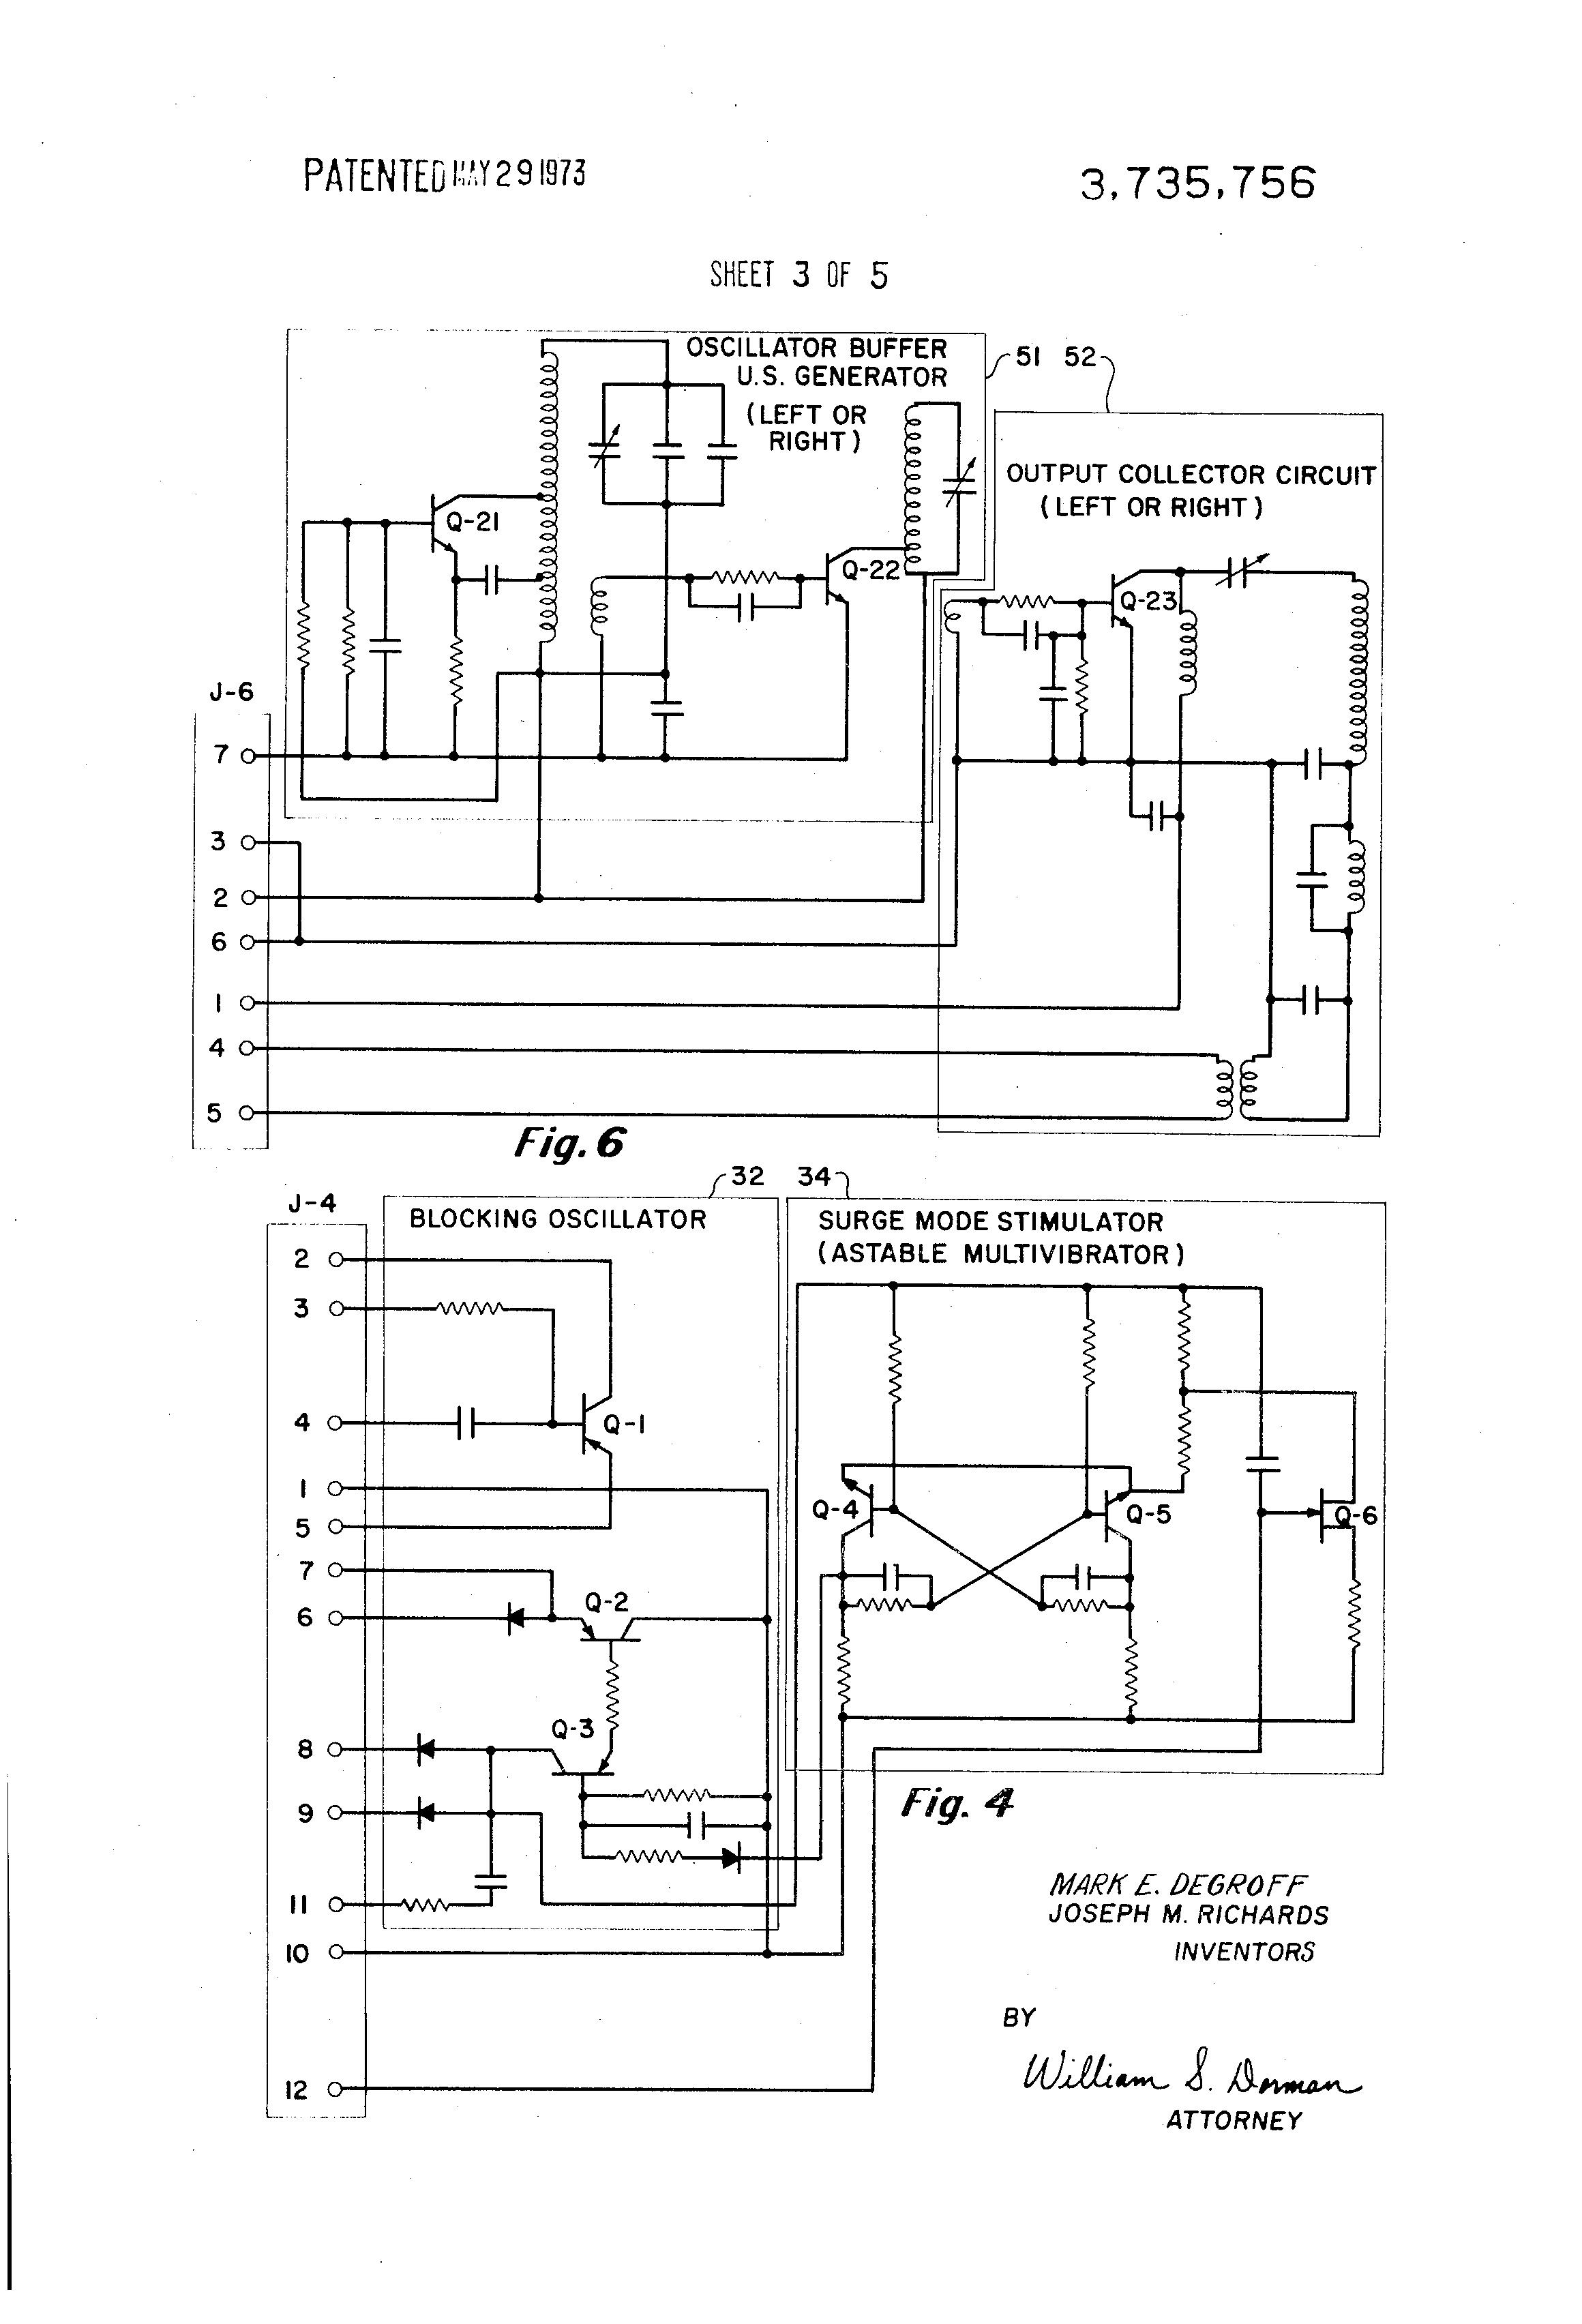 brevetto us3735756